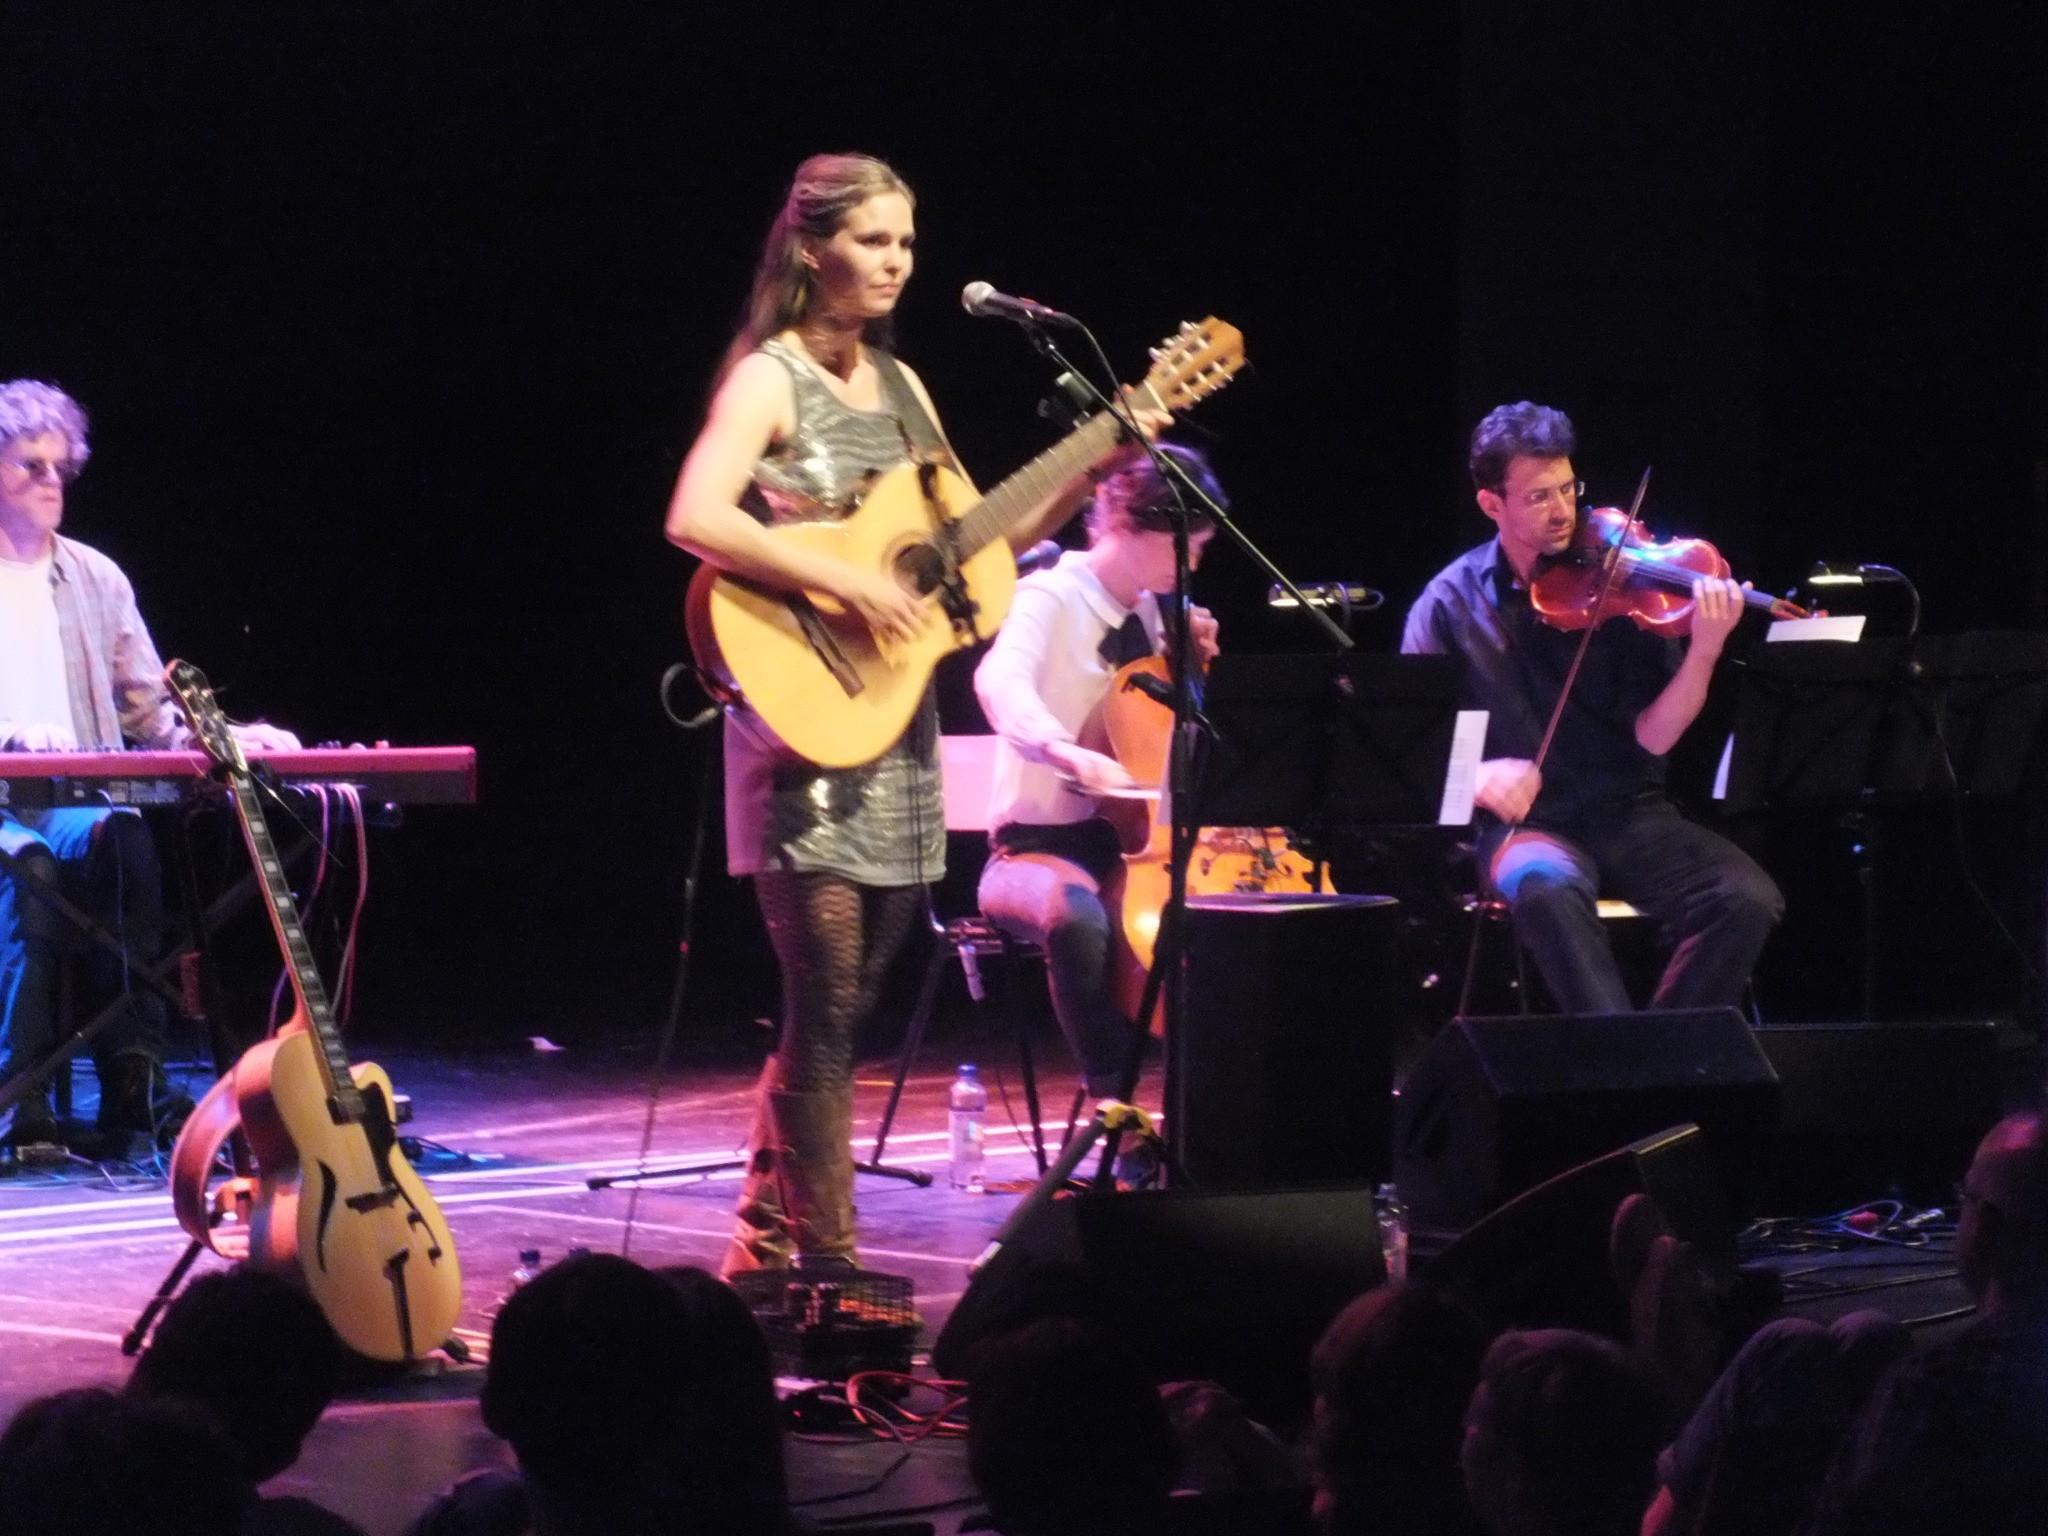 File:Dota-und-Band-und-Orchester-am-12-Juli-2014-in-der ...